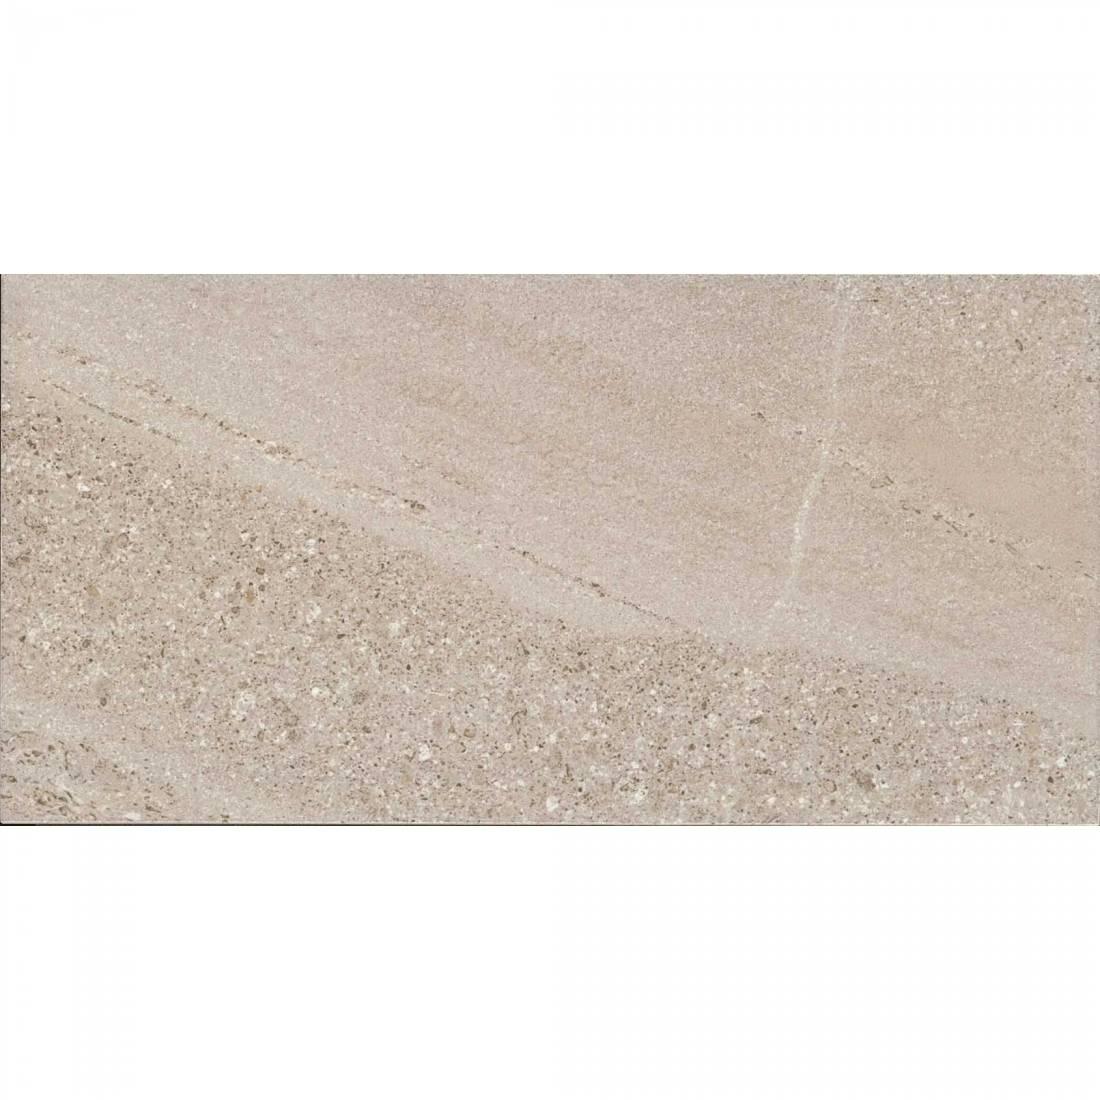 Zen 30x60 Sand Gloss 1